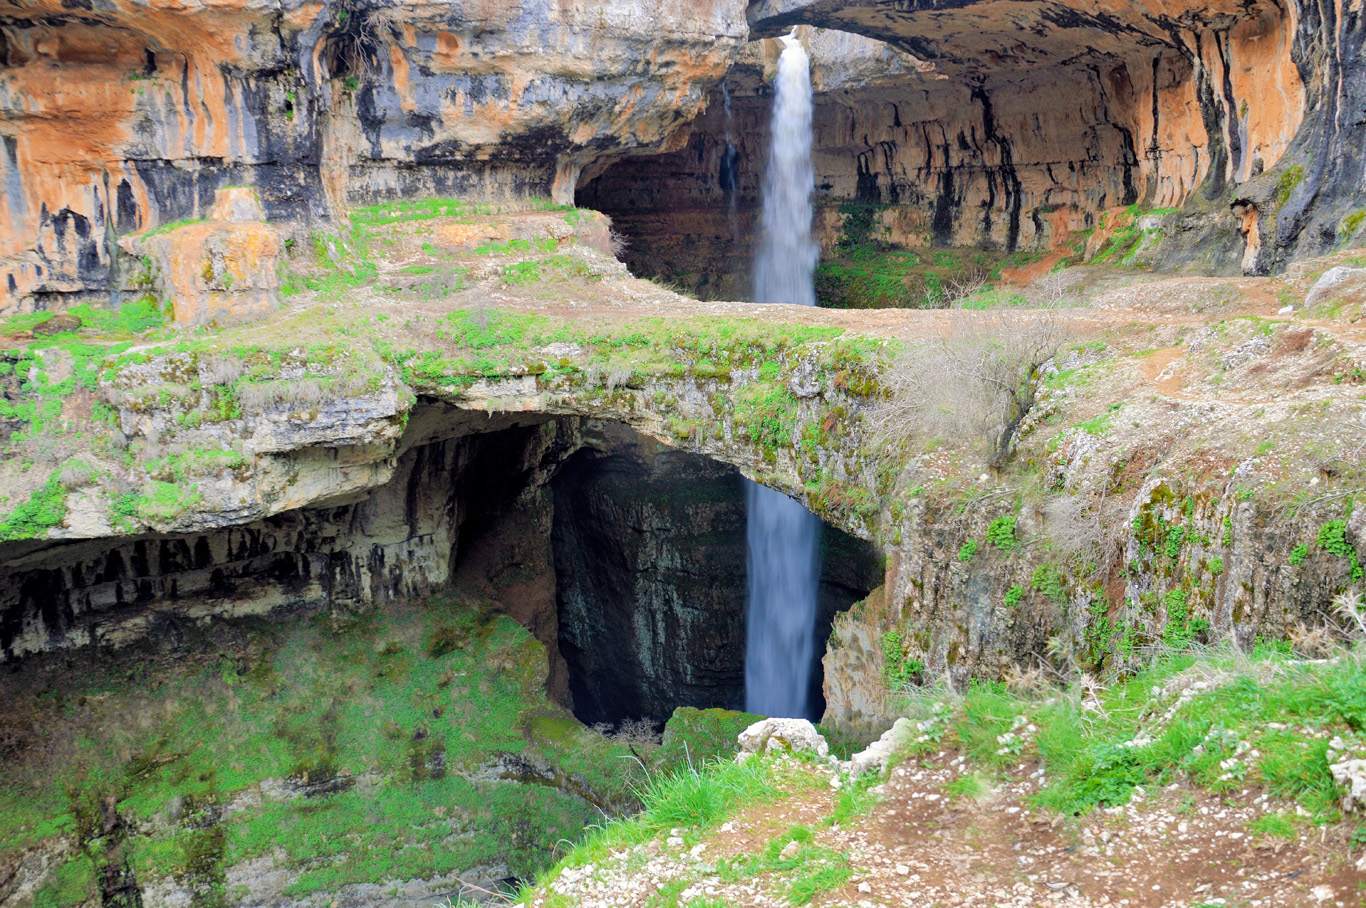 Baatara Gorge